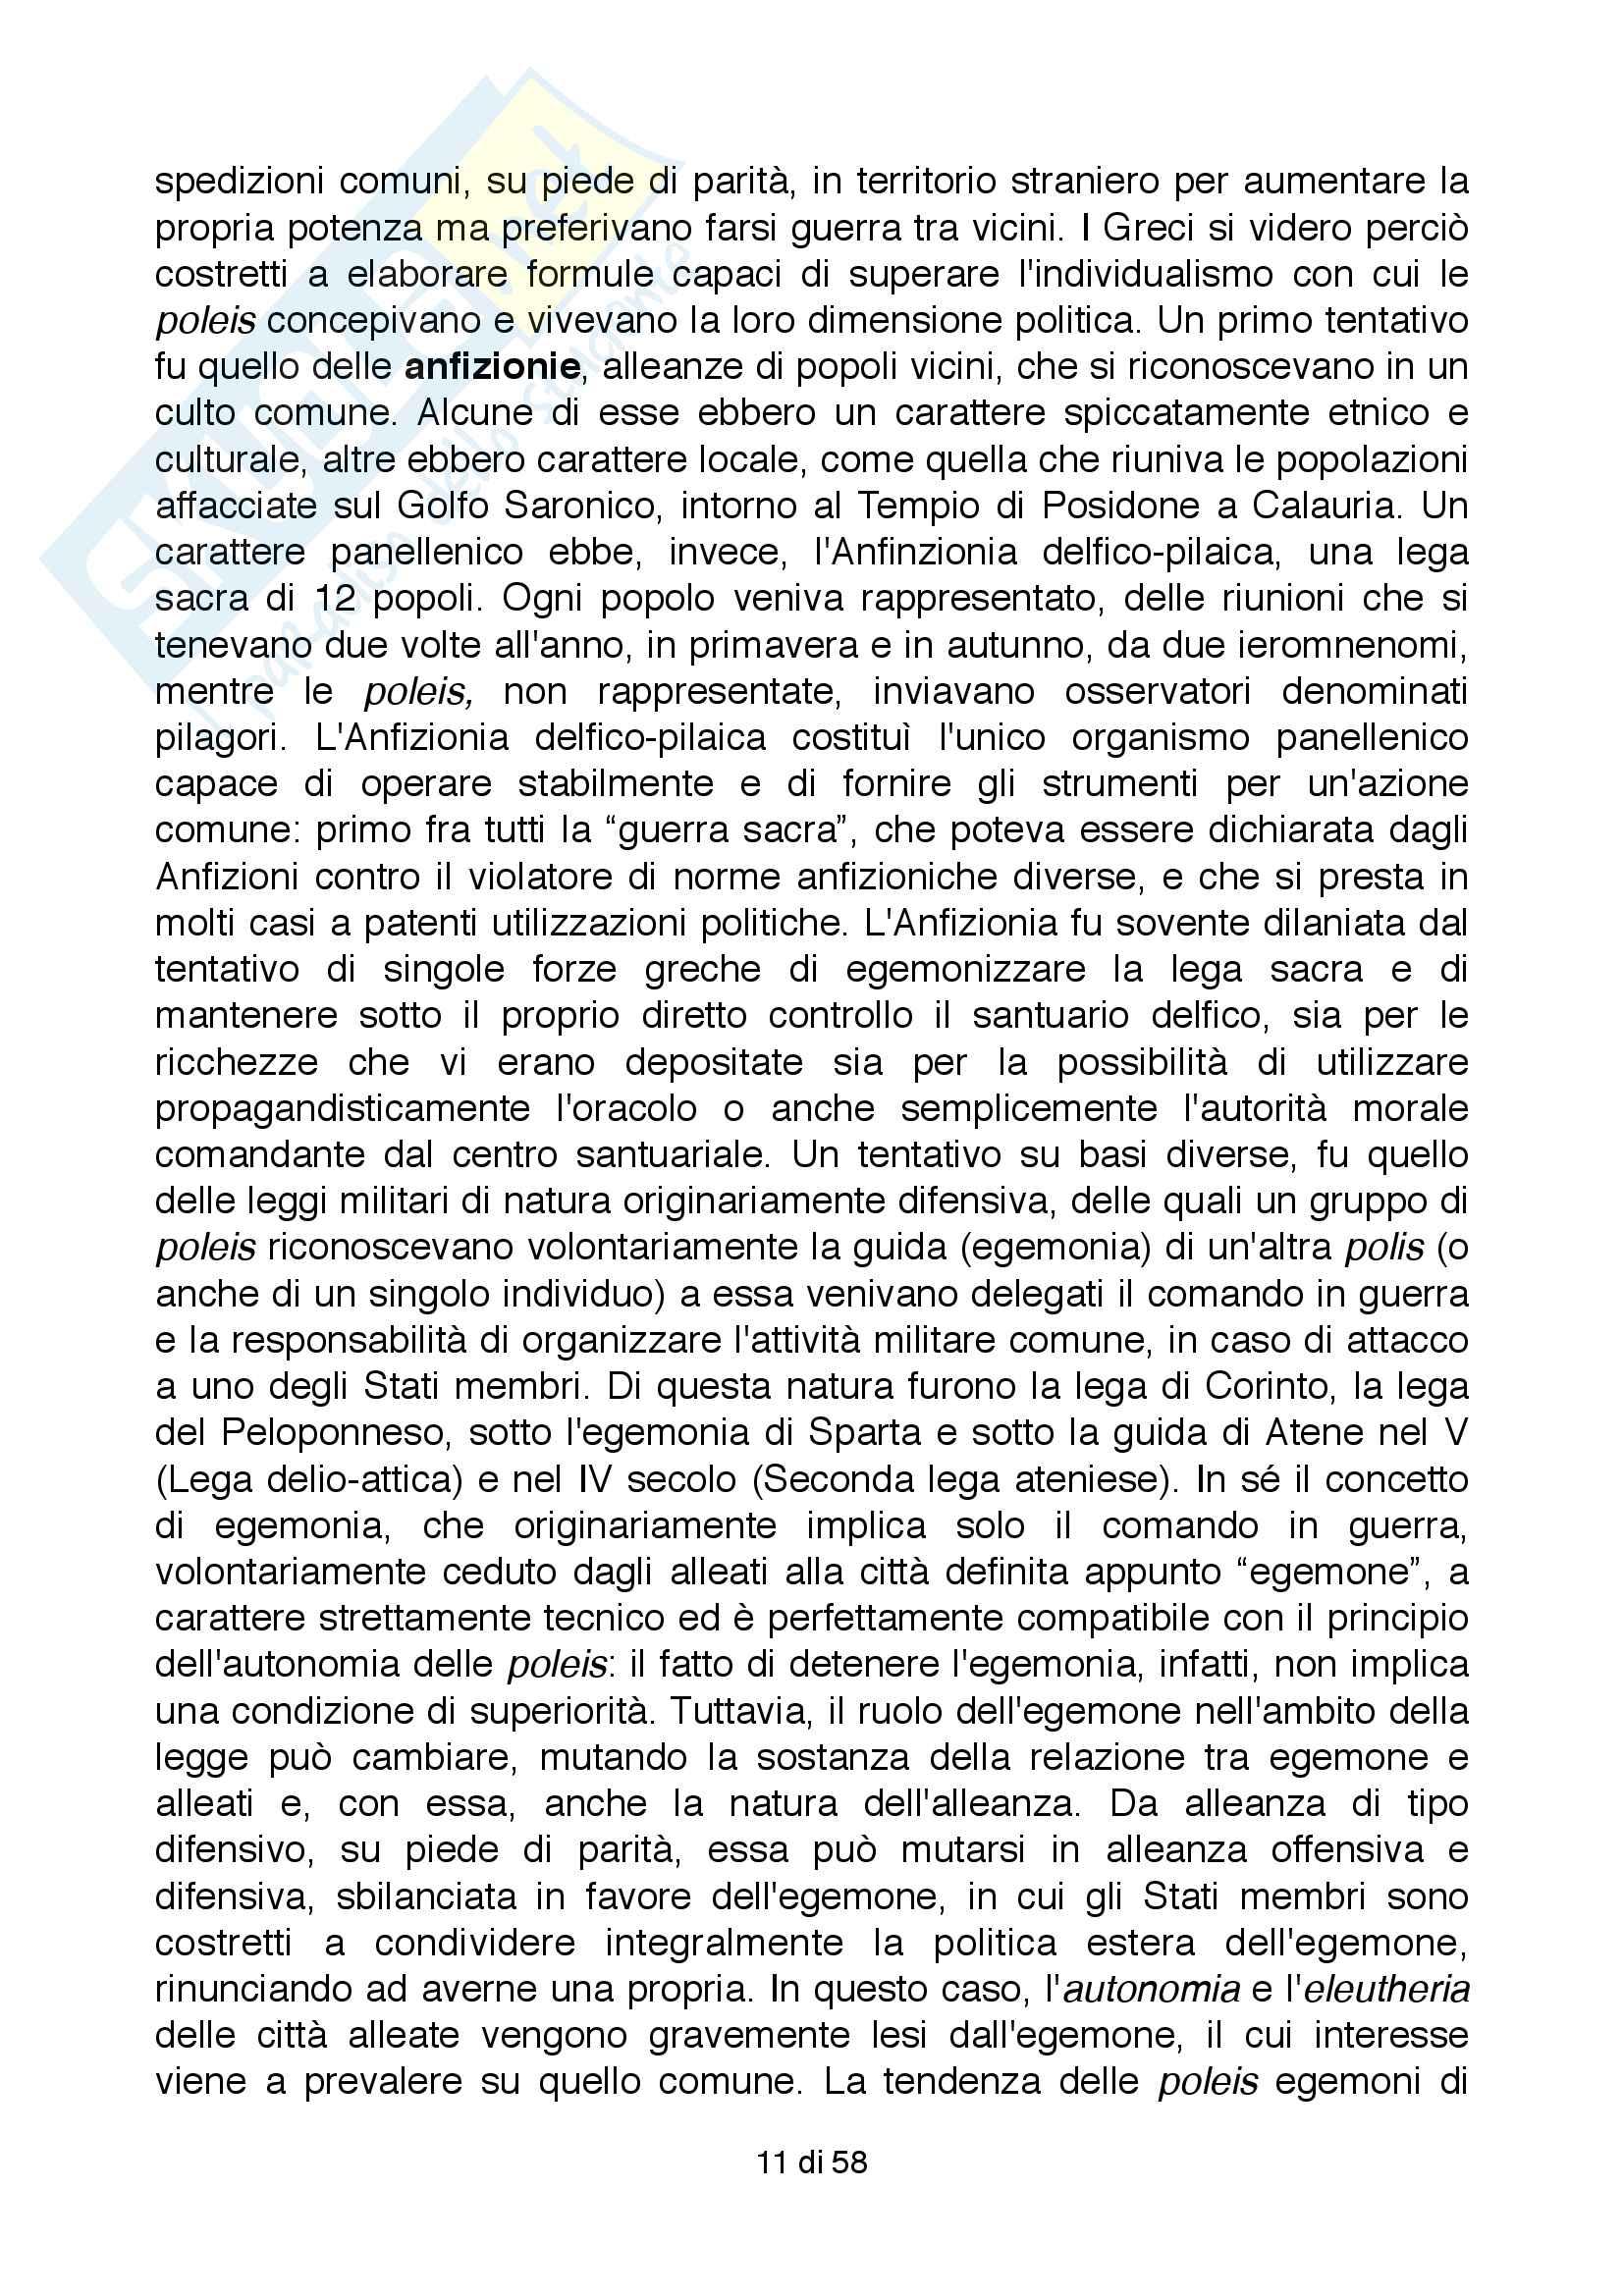 Riassunto esame Storia Greca, Docente Bianchetti Serena, Unversità degli Studi di Firenze Pag. 11